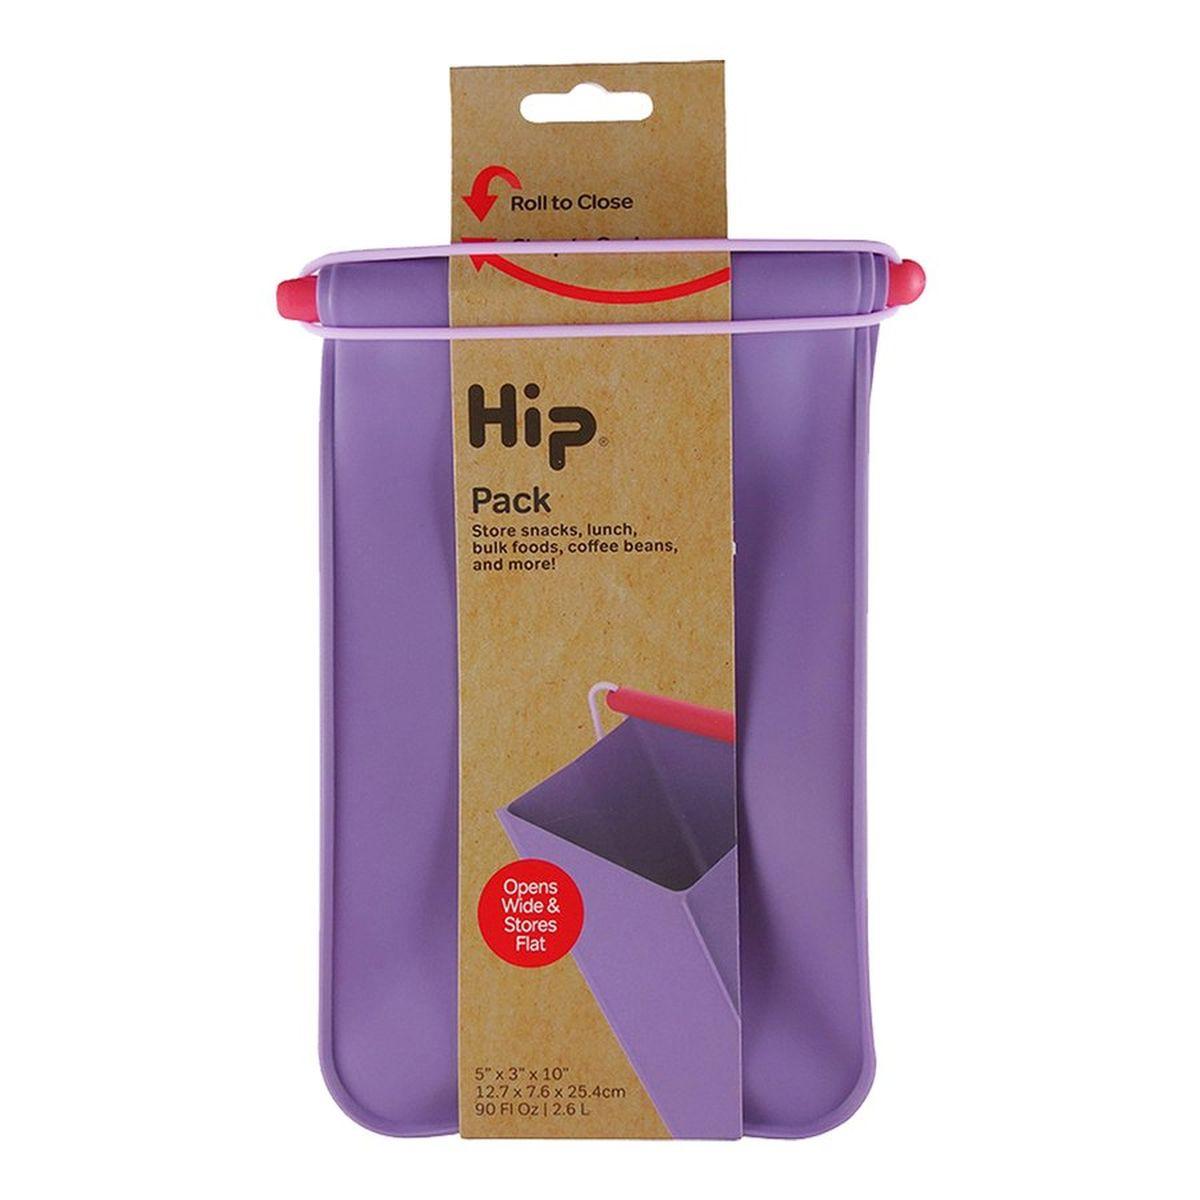 Hip Pack ロールバッグ シリコン製 ヒップパック M 2.6L プラム HIP34004